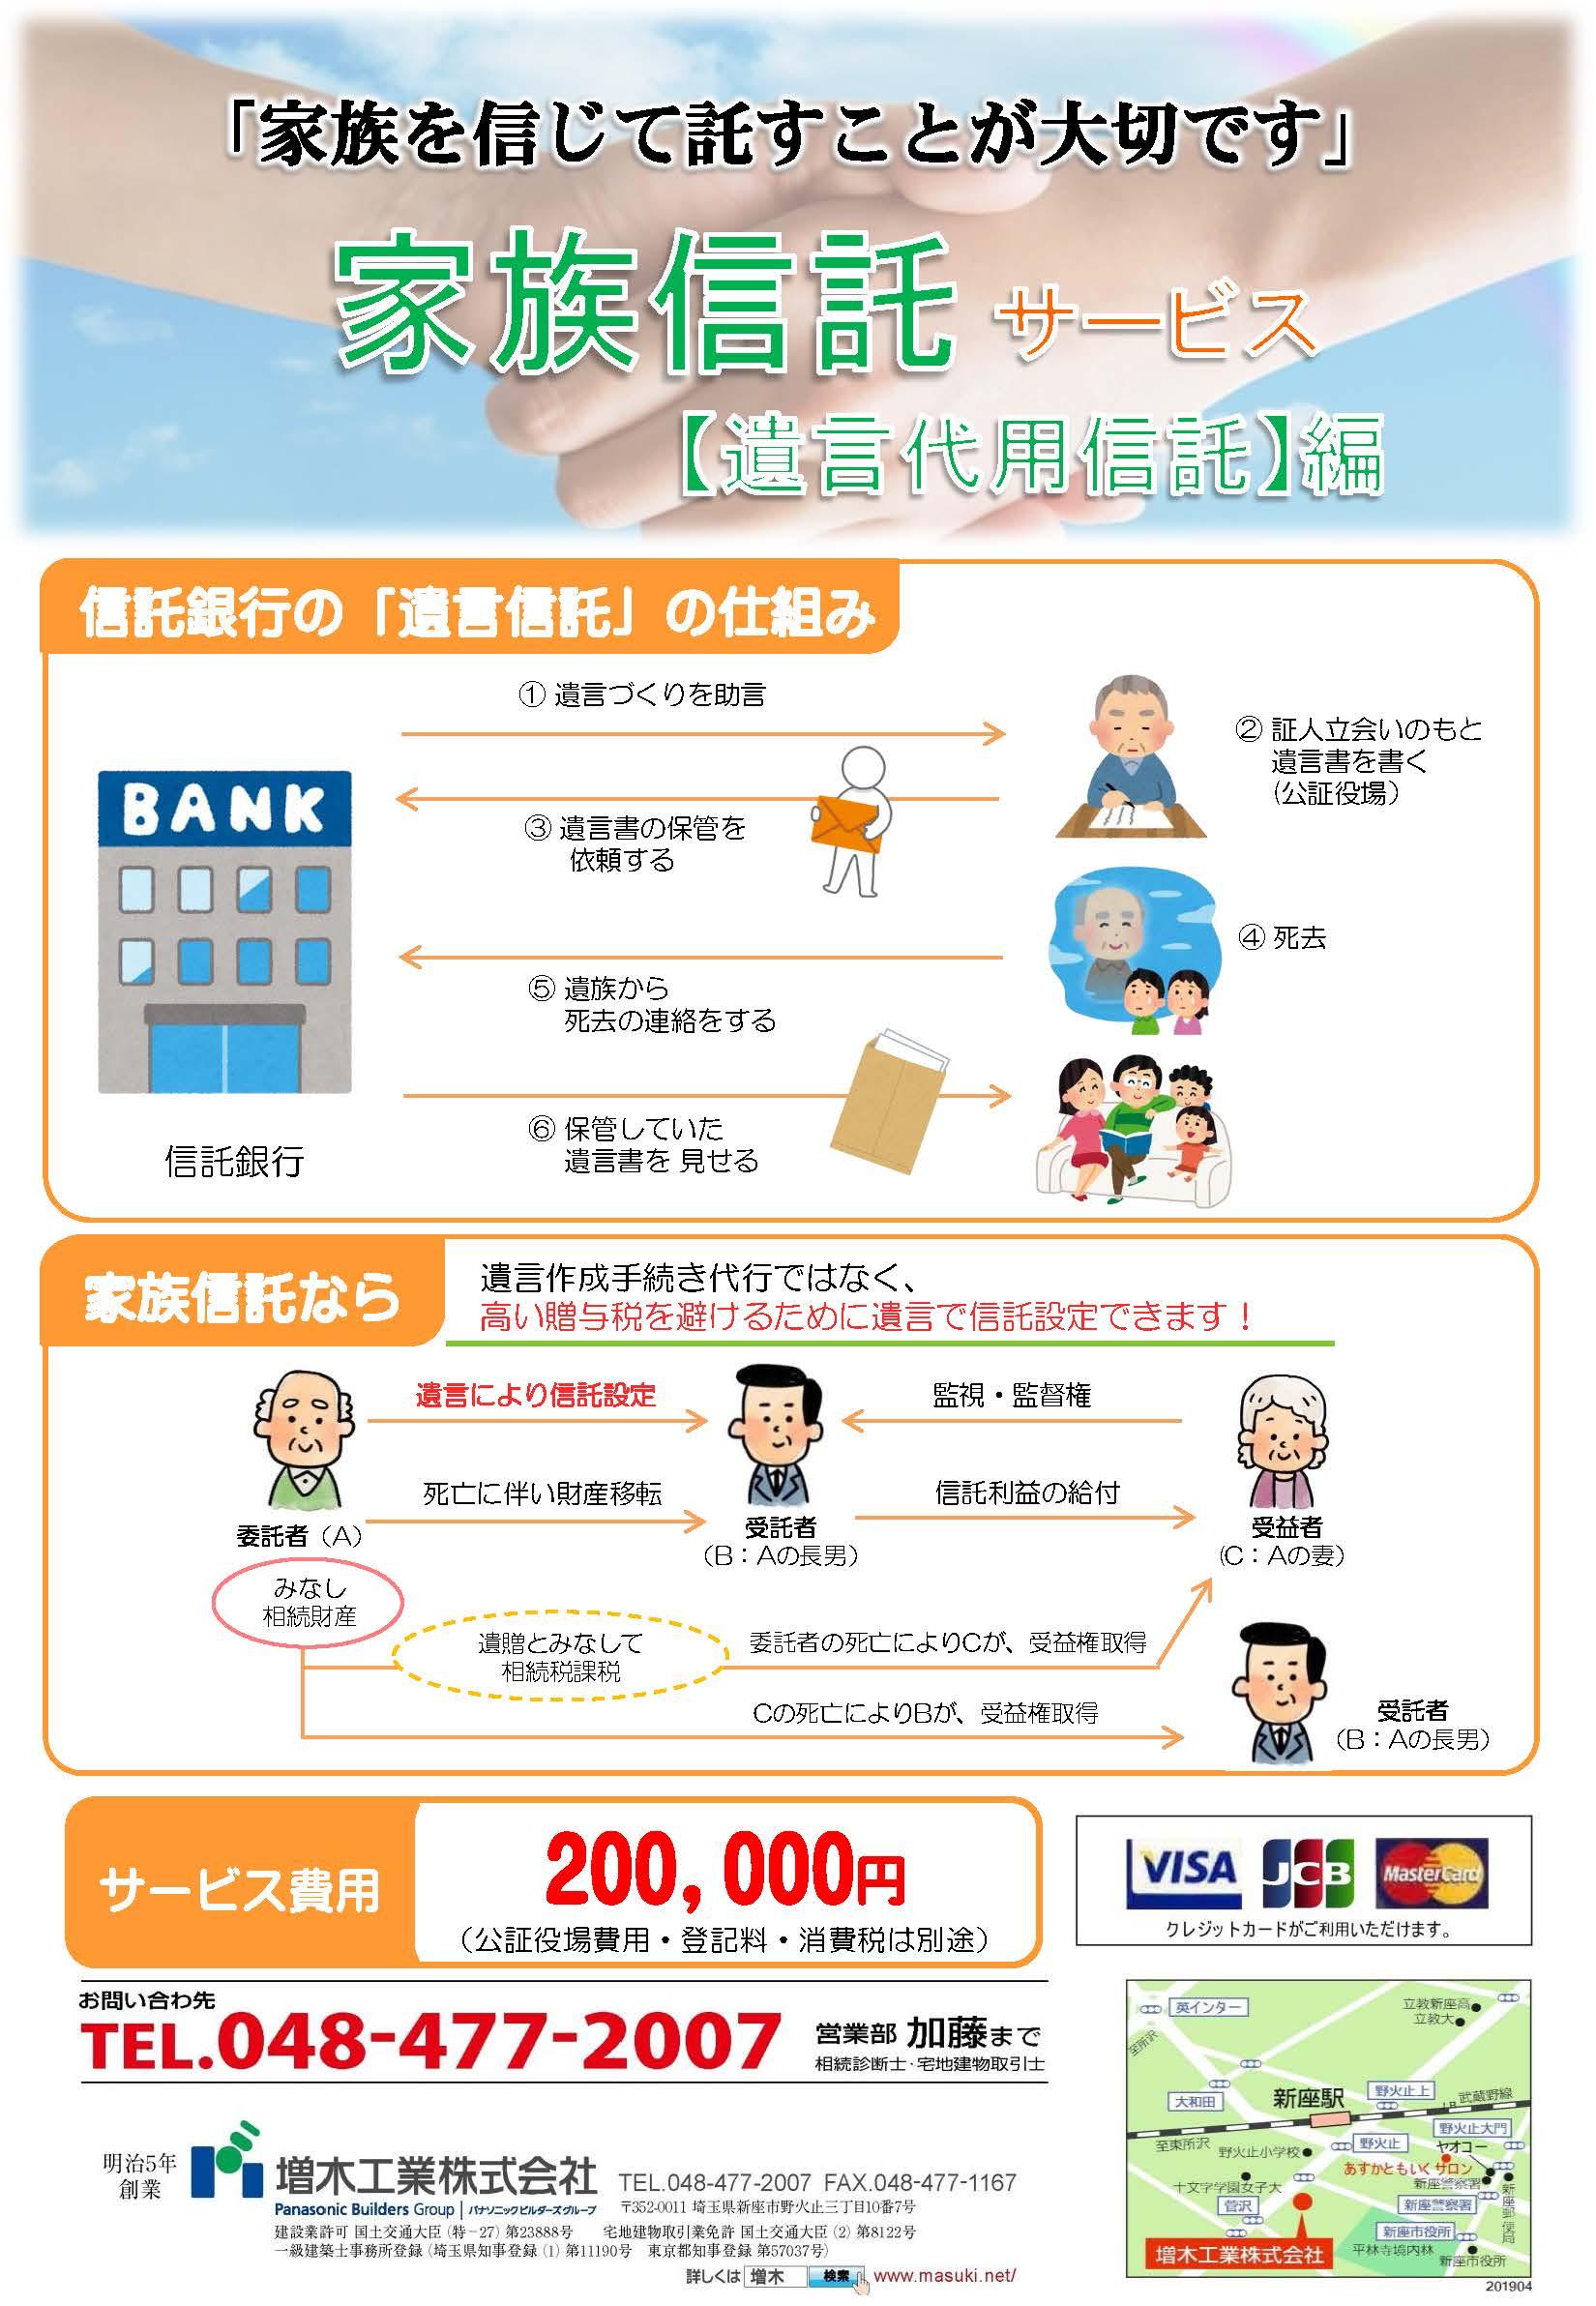 家族信託サービス ~遺言代用信託~/13-4のイメージ